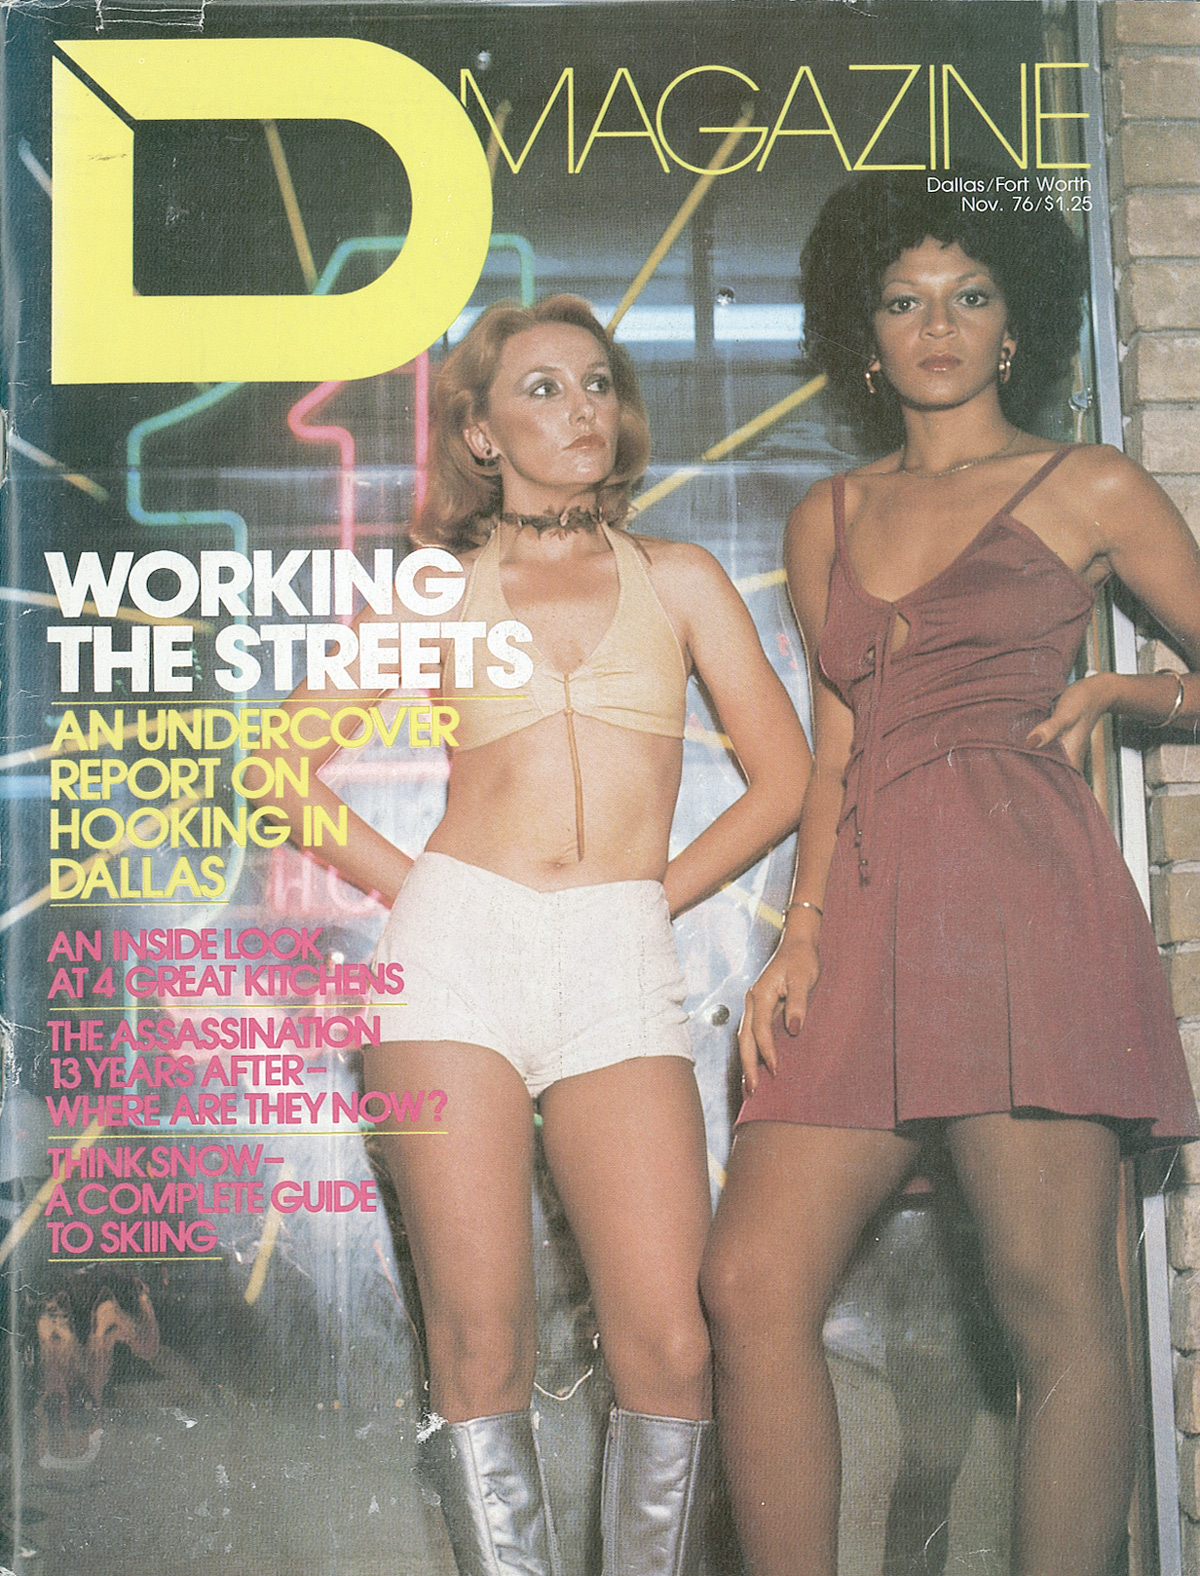 November 1976 cover